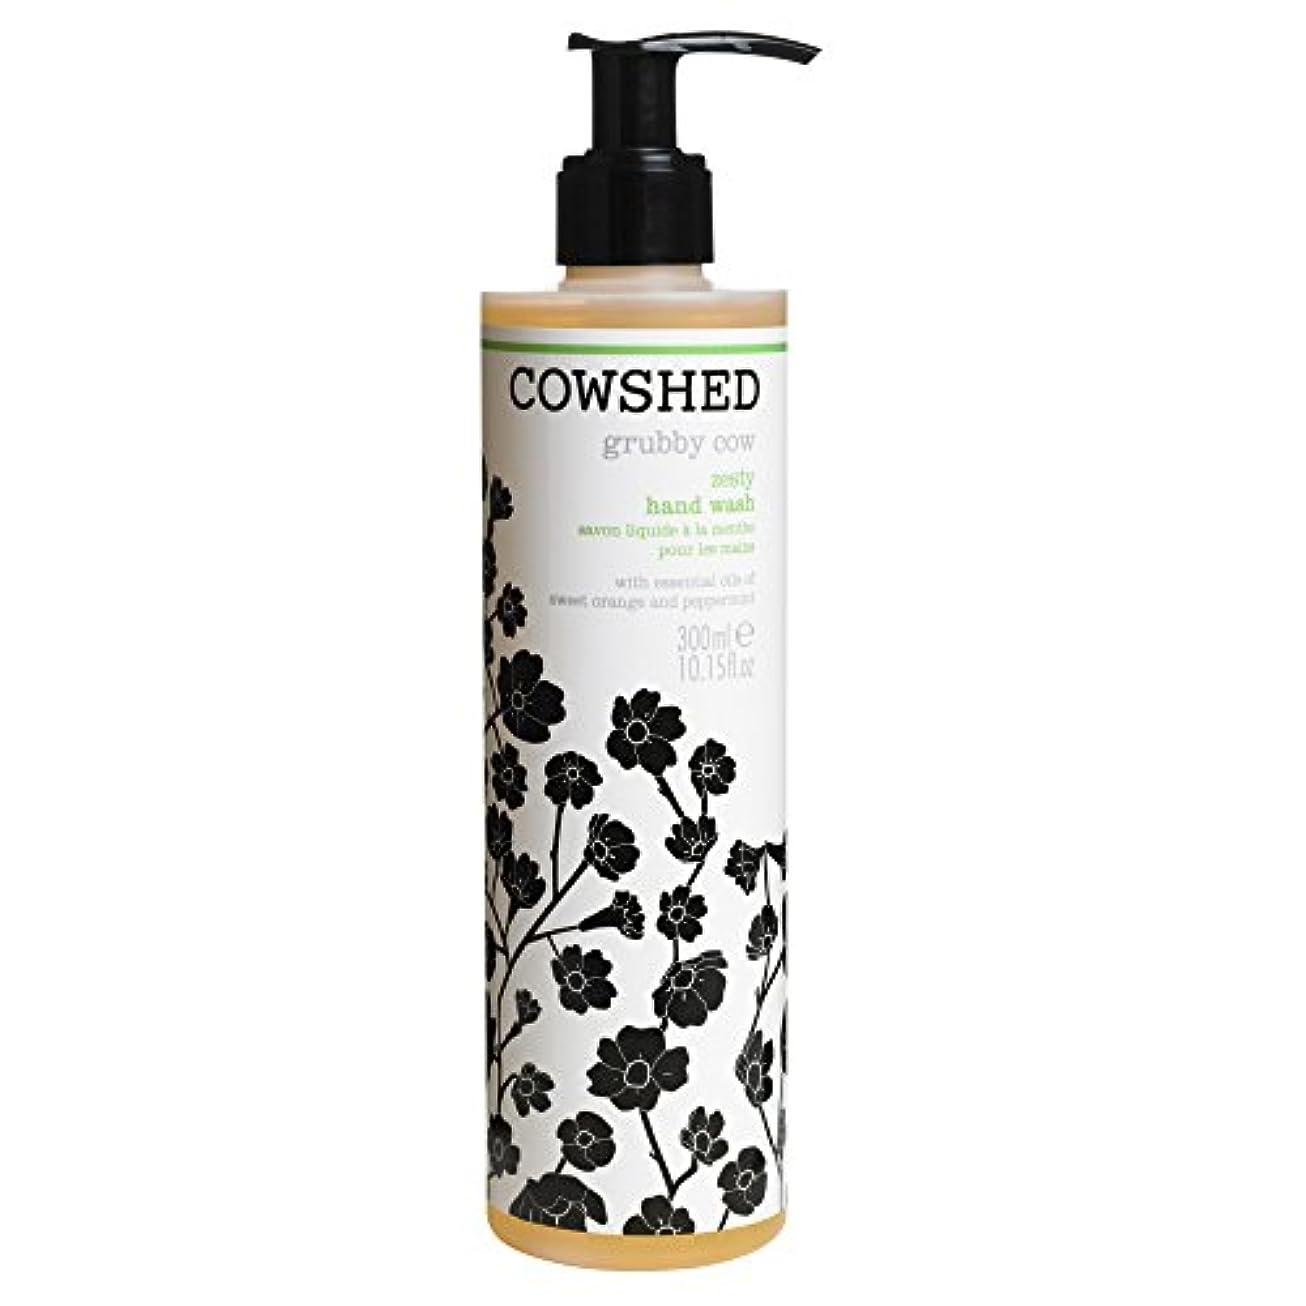 アリス剣合わせて牛舎汚い牛ピリッハンドウォッシュ300ミリリットル (Cowshed) - Cowshed Grubby Cow Zesty Hand Wash 300ml [並行輸入品]